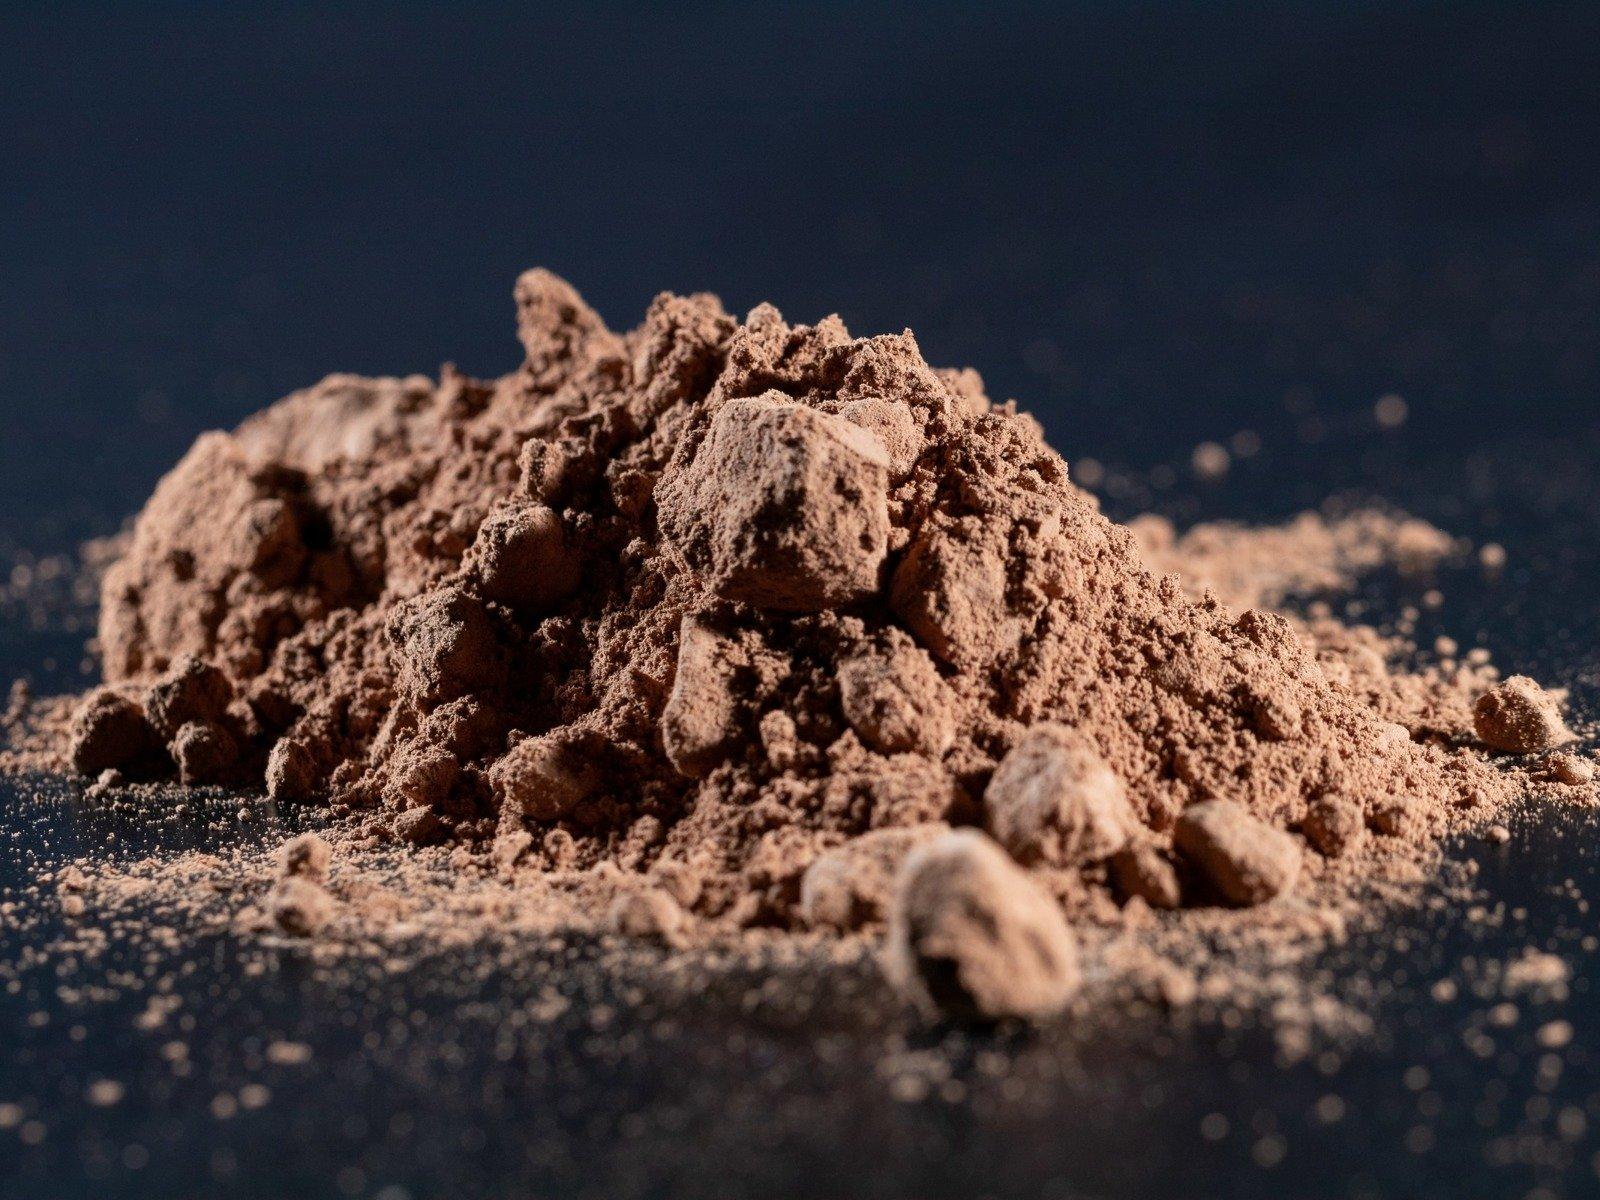 Kakao naturalne / Proszek kakaowy Naturalny 10-12% 25kg Ekwador